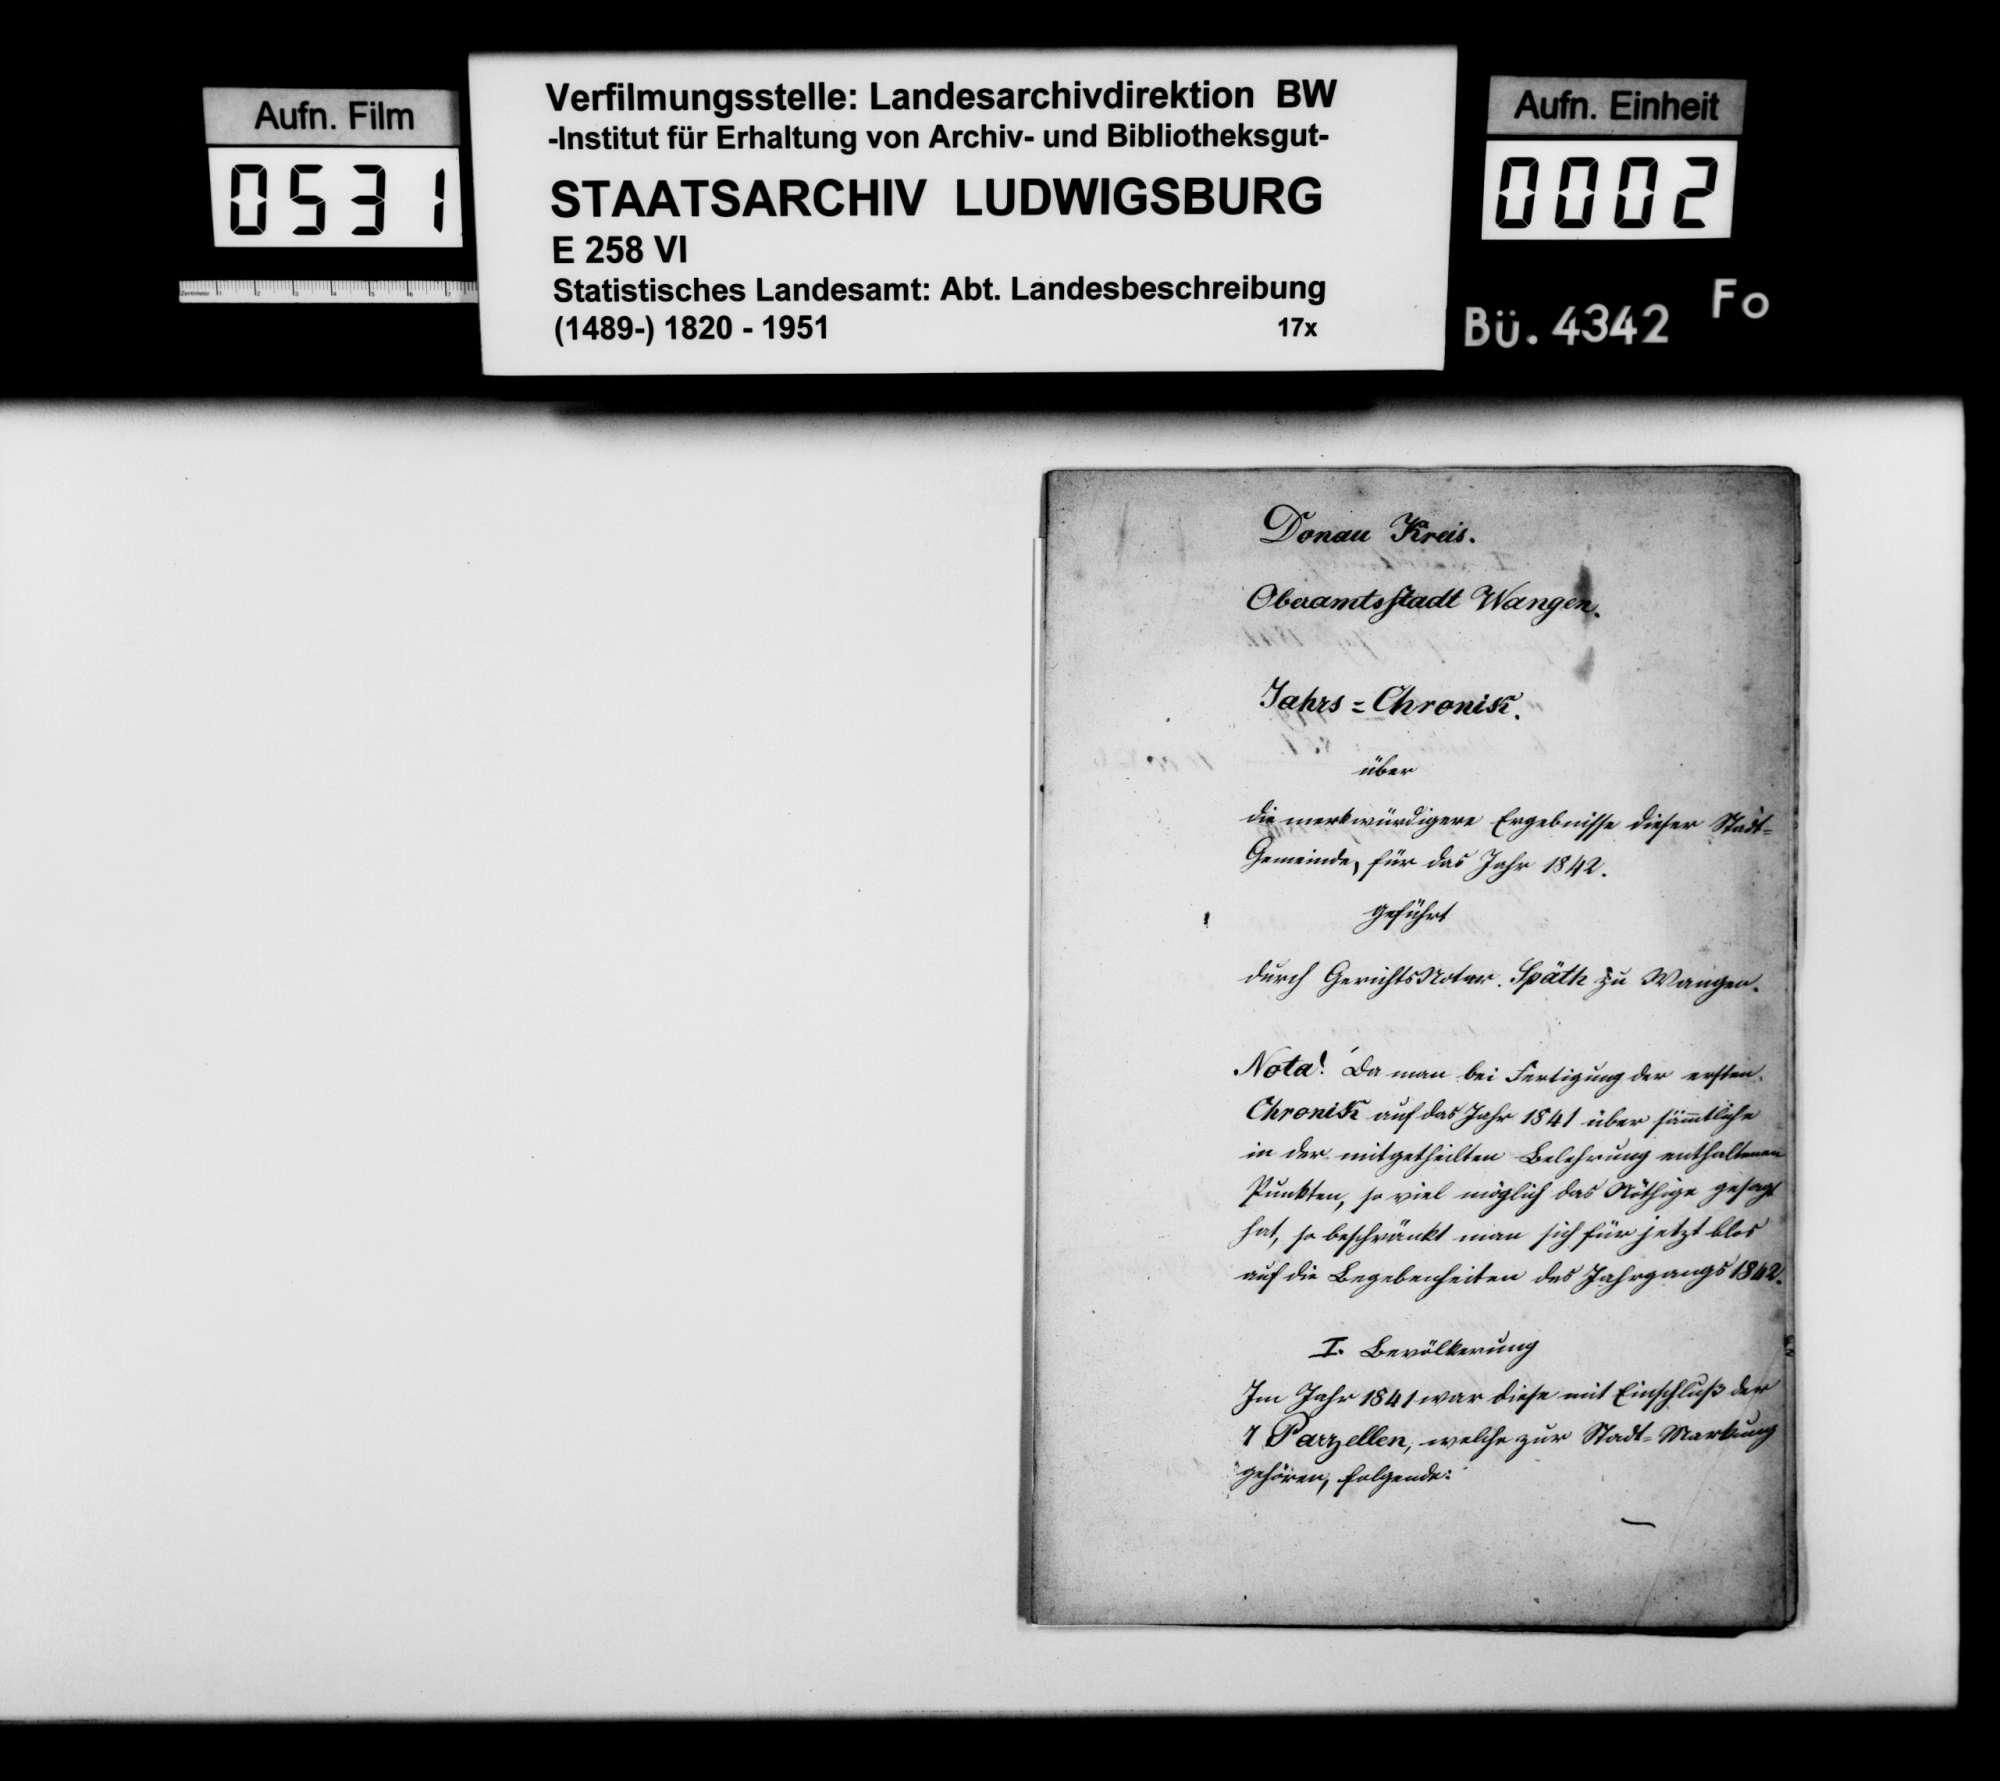 Jahreschronik der Oberamtsstadt Wangen für 1842, von Gerichtsnotar Späth, Bild 1